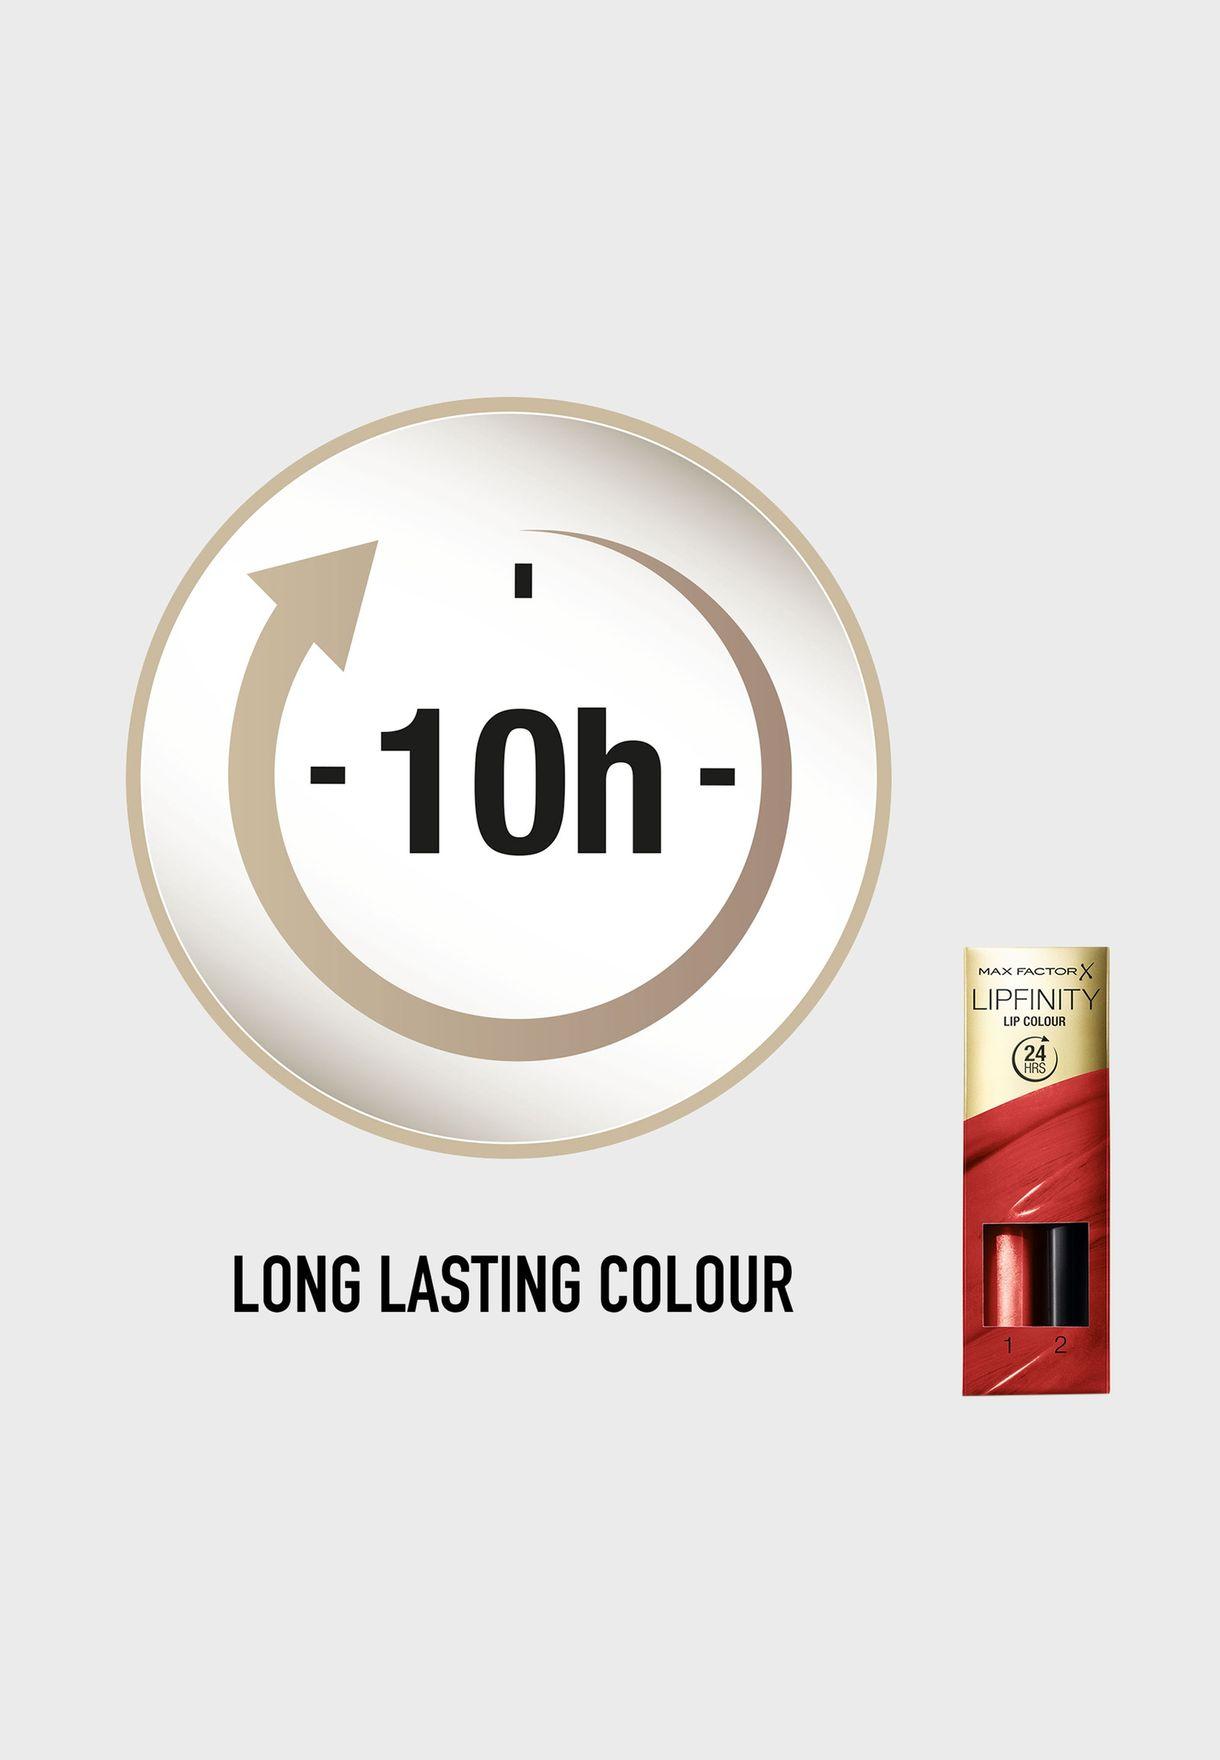 احمر شفاه بخطوتين - 120 Hot